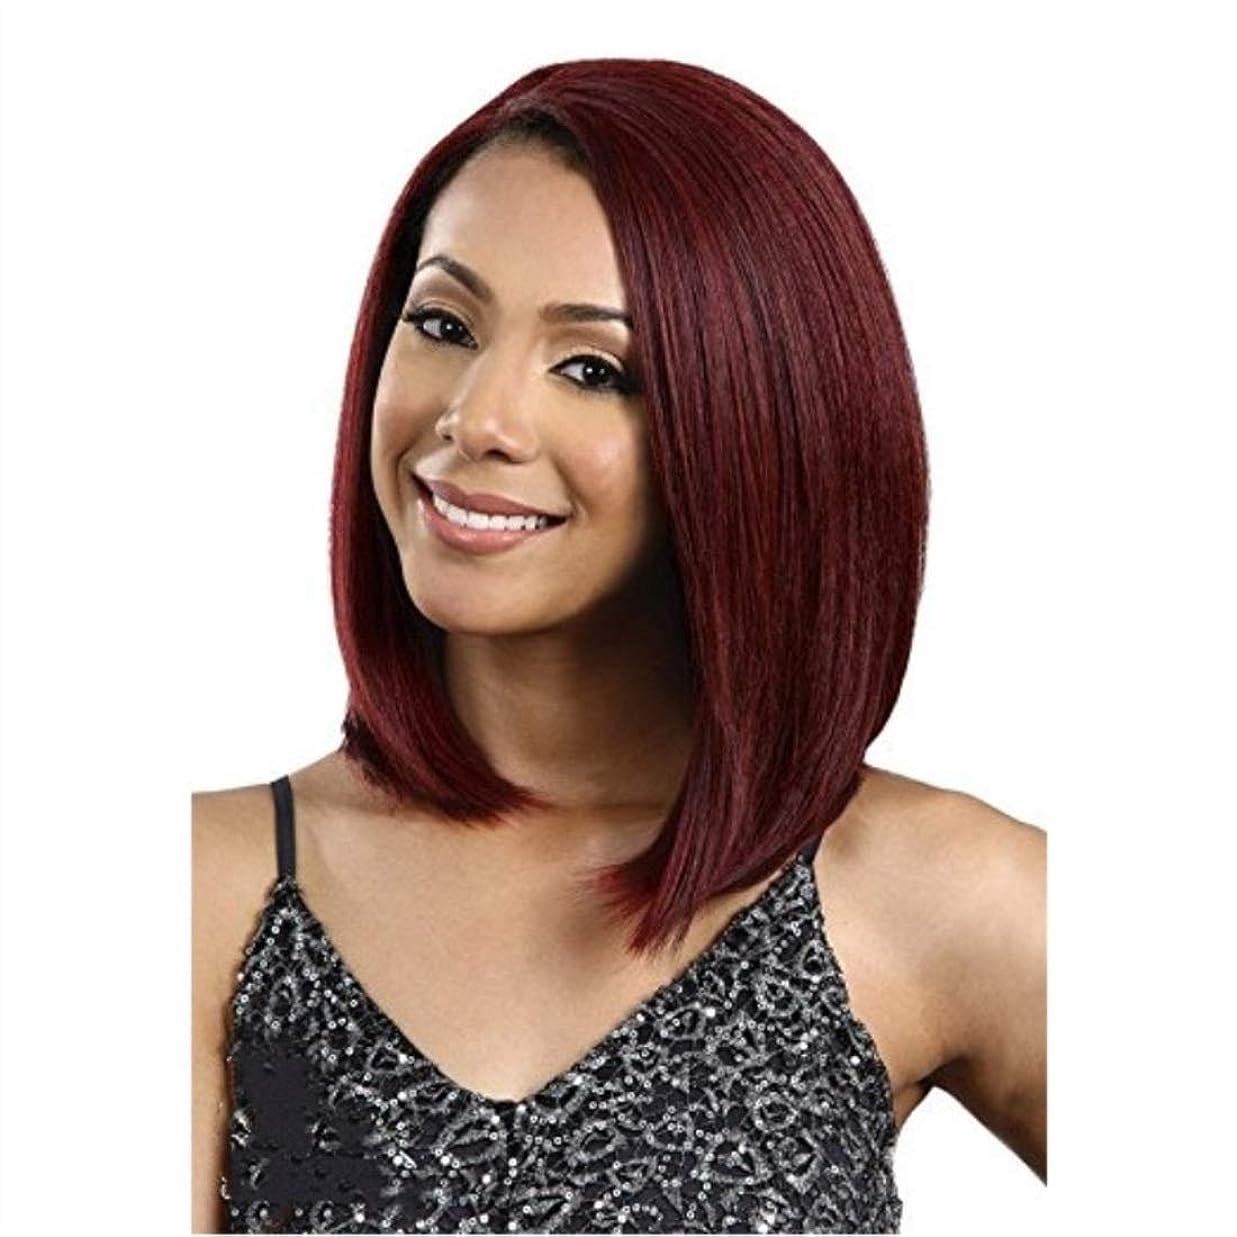 焦げ田舎者郵便番号Summerys 女性のための前髪の髪のかつらとミディアムストレートヘアレッドウィッグヘッドギア耐熱合成かつら